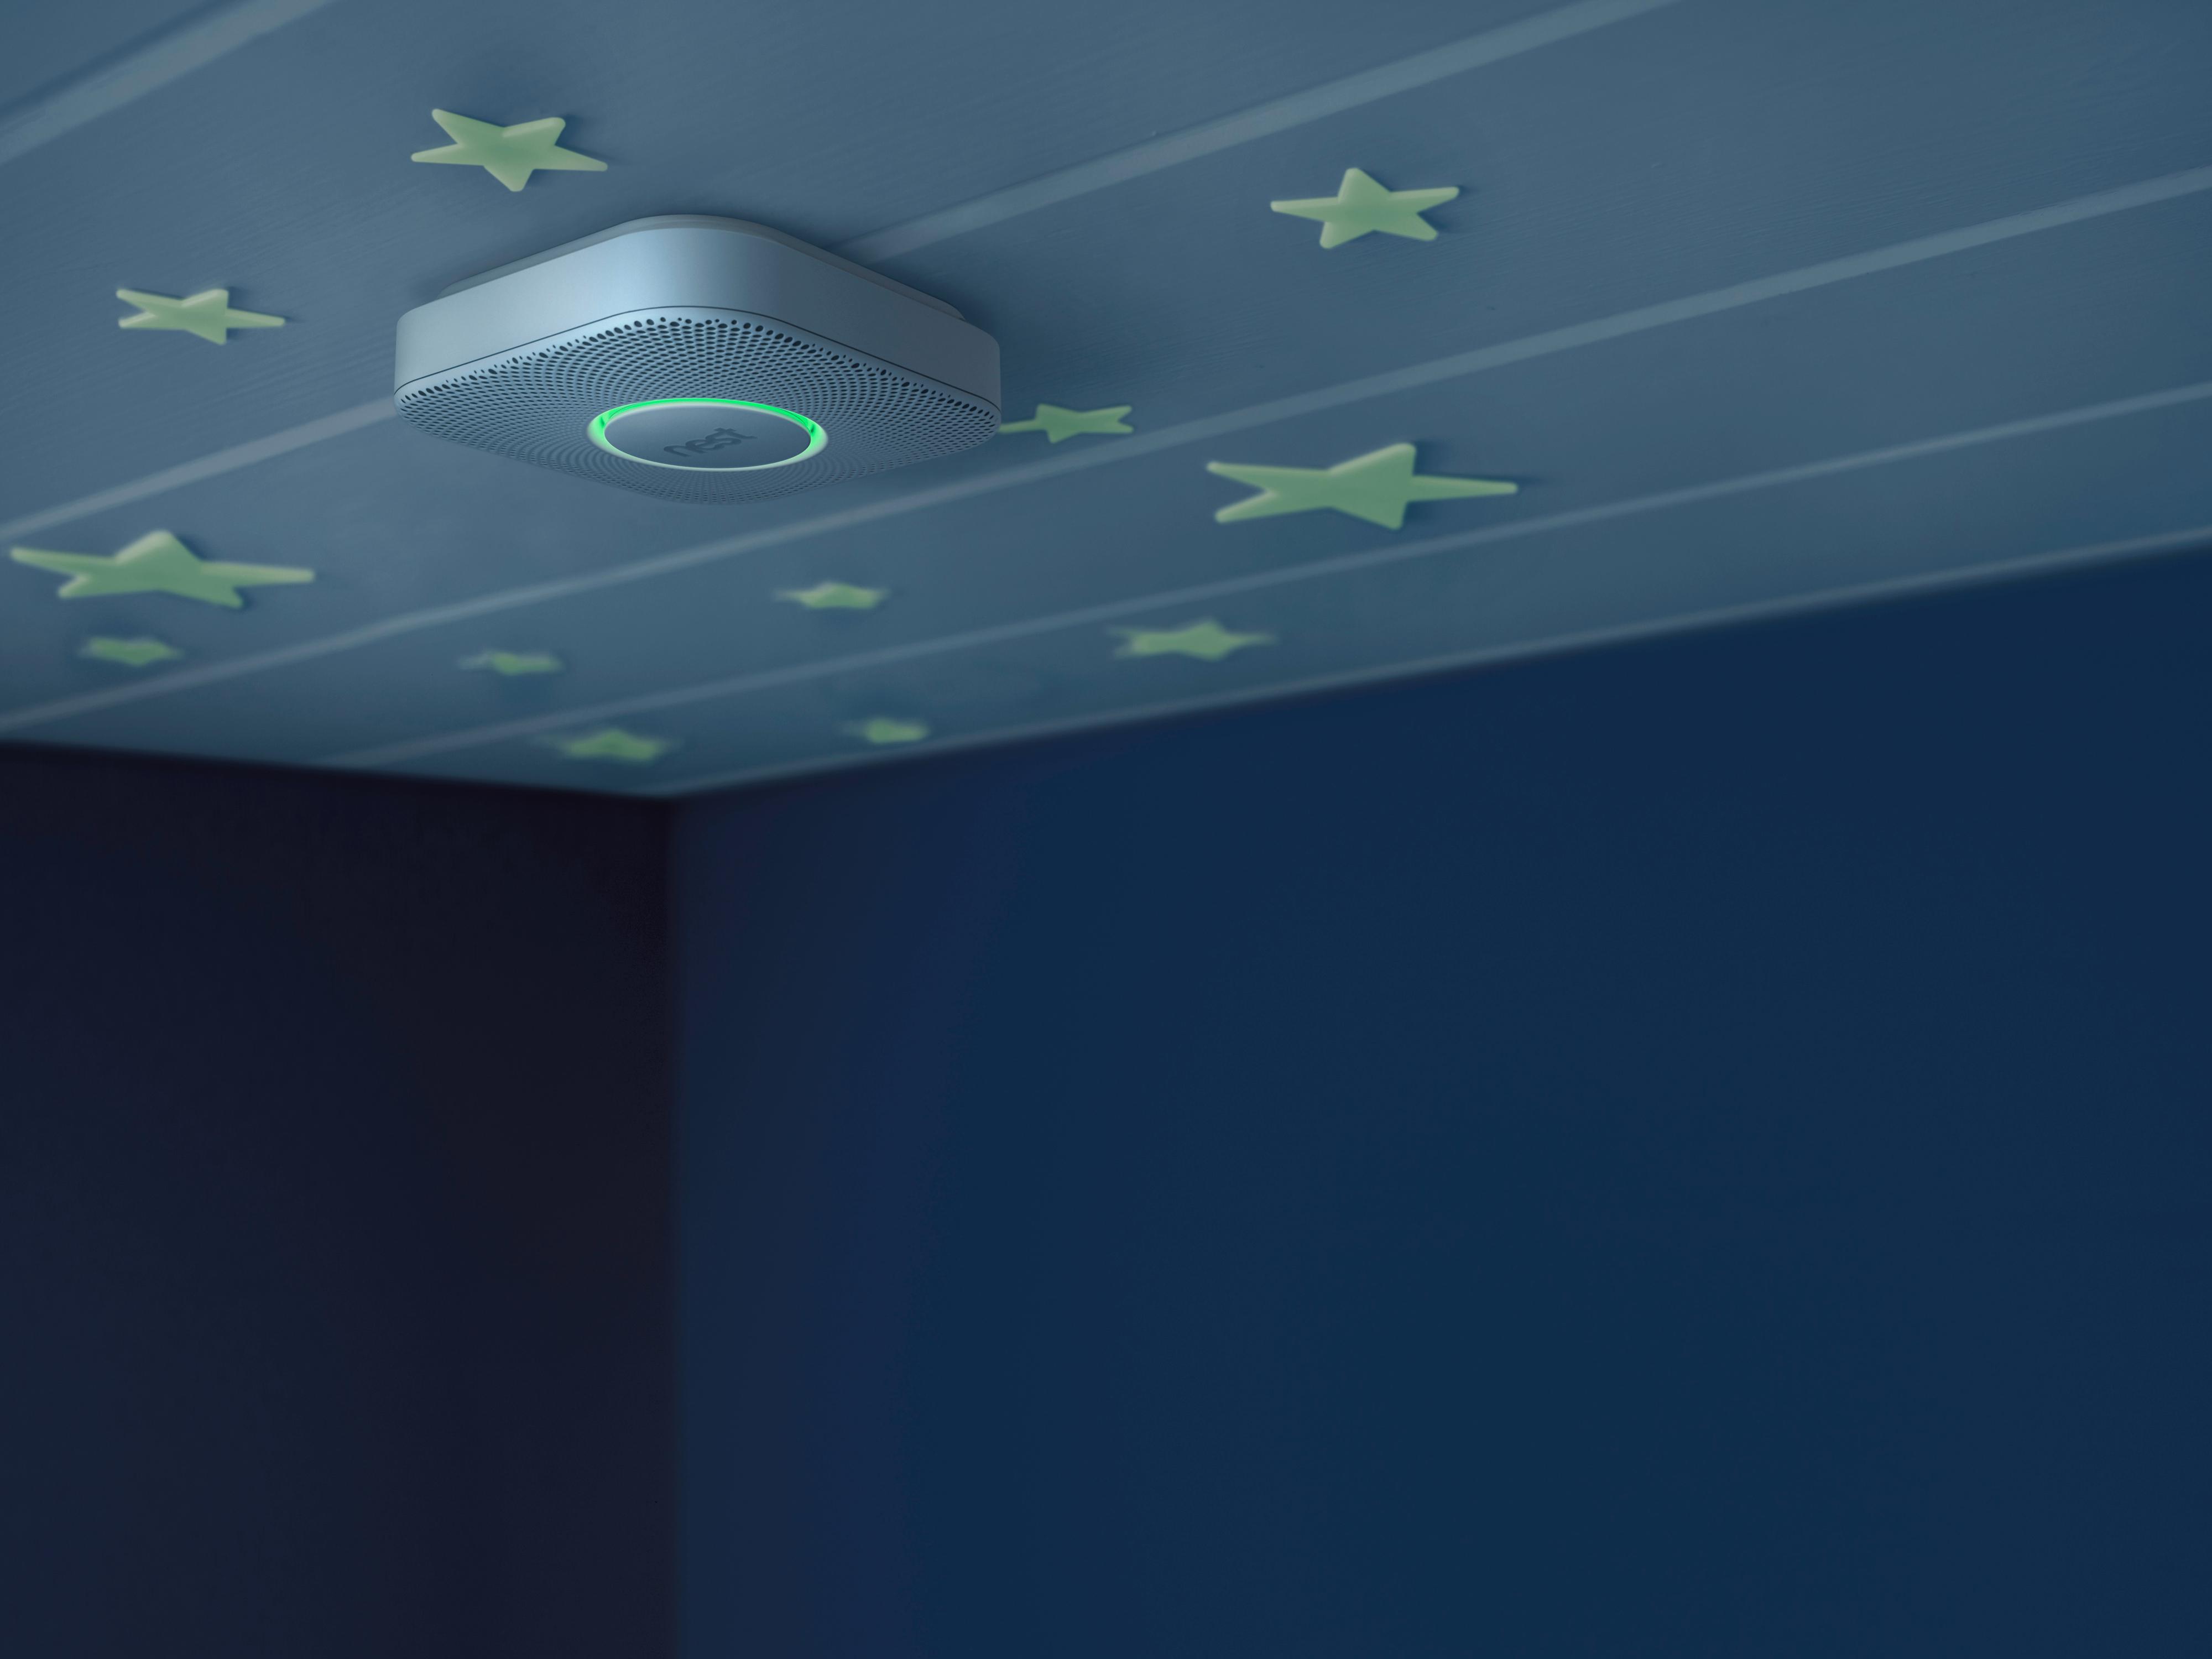 Røykvarsleren fra Nest oppdager bevegelser, og lyser vei for deg i mørket.